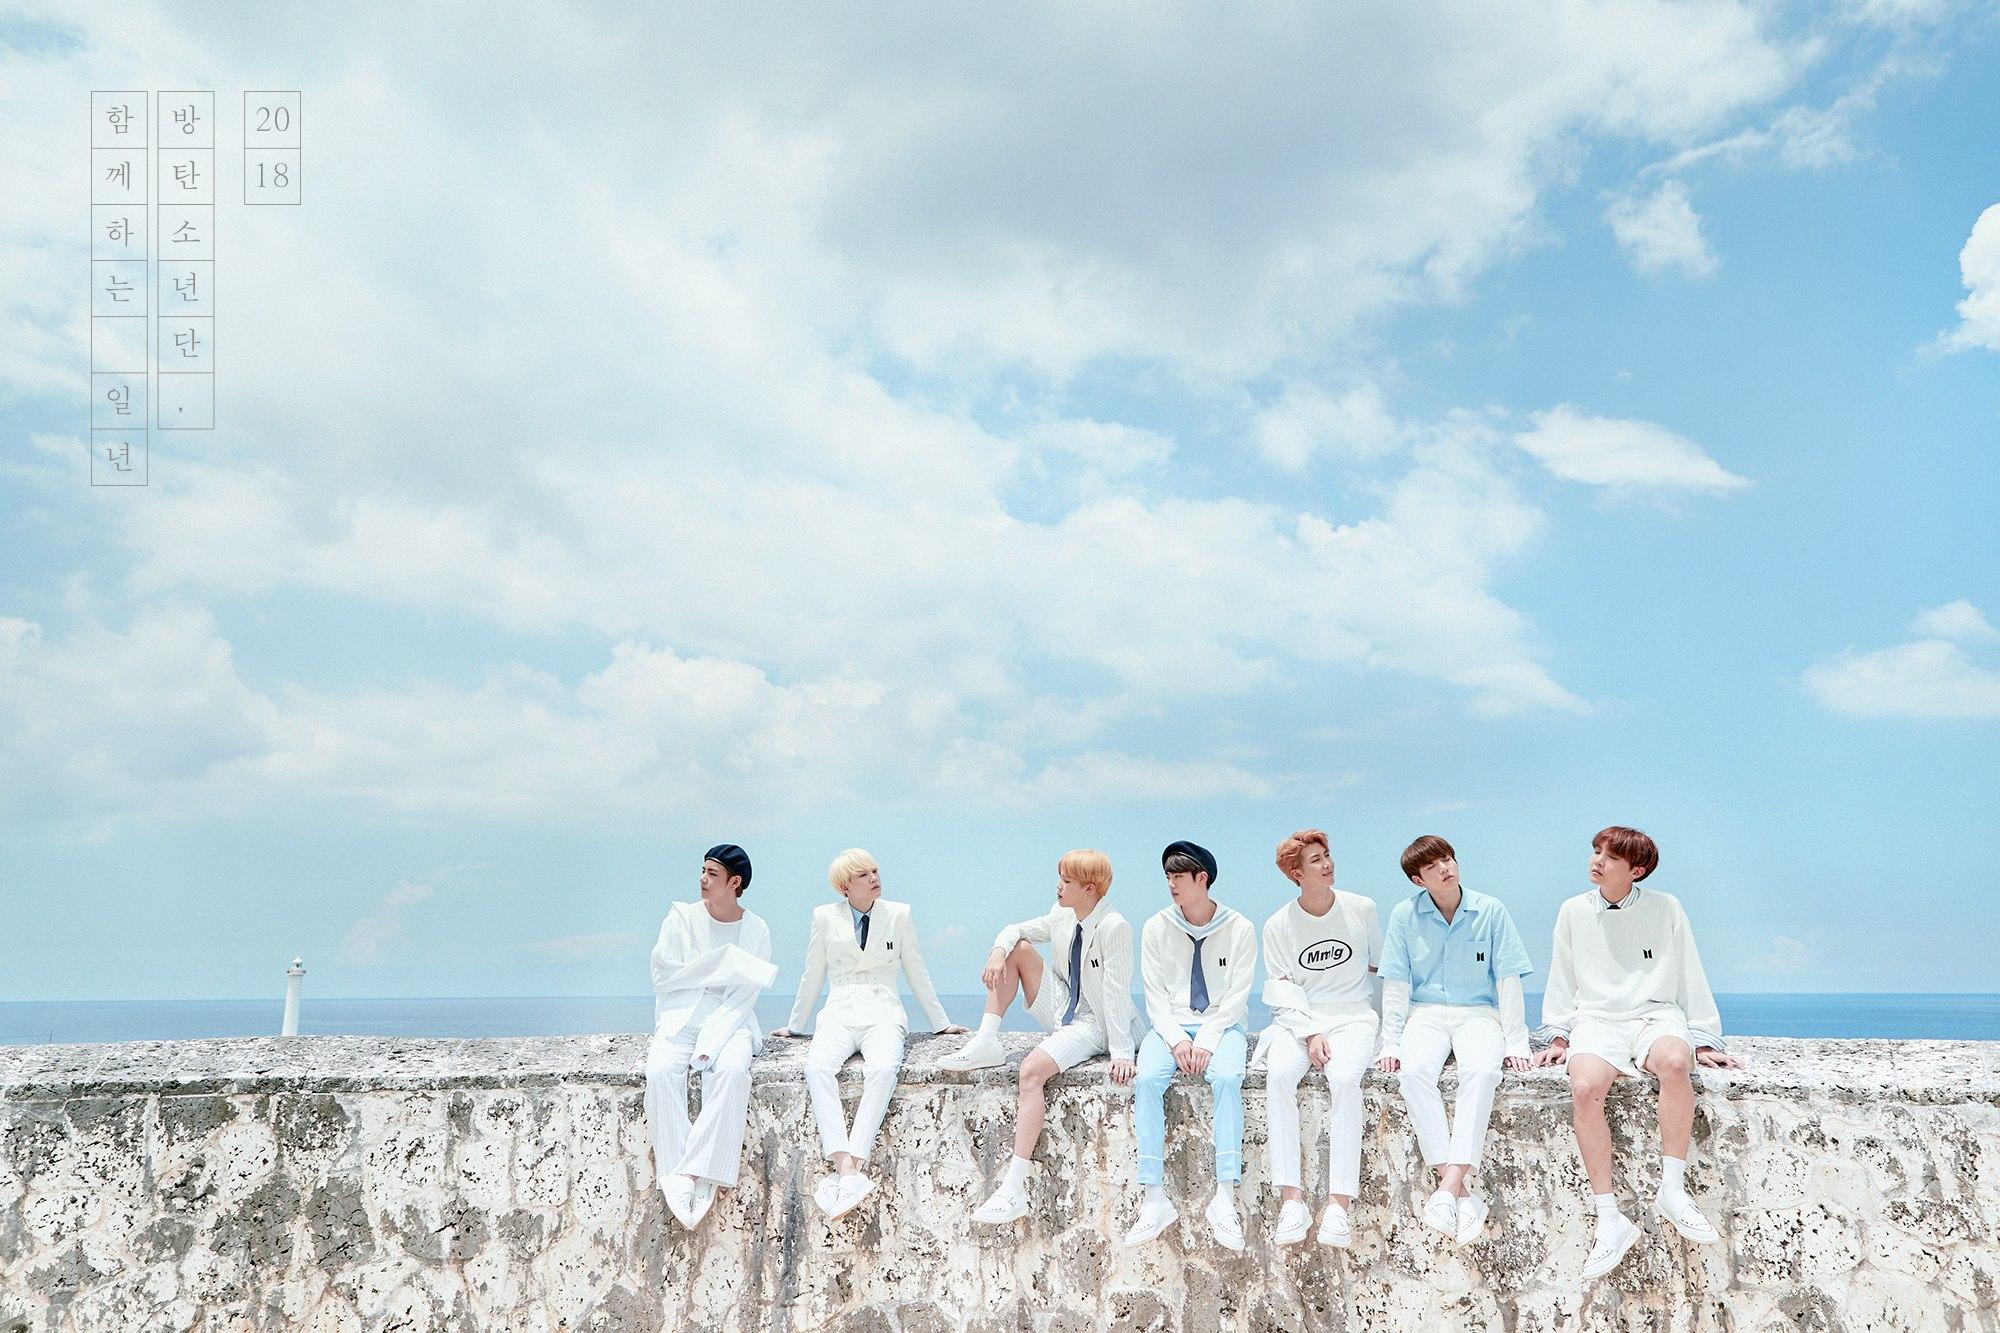 BTS lanza teasers grupales e individuales para el 2018 Season's Greetings